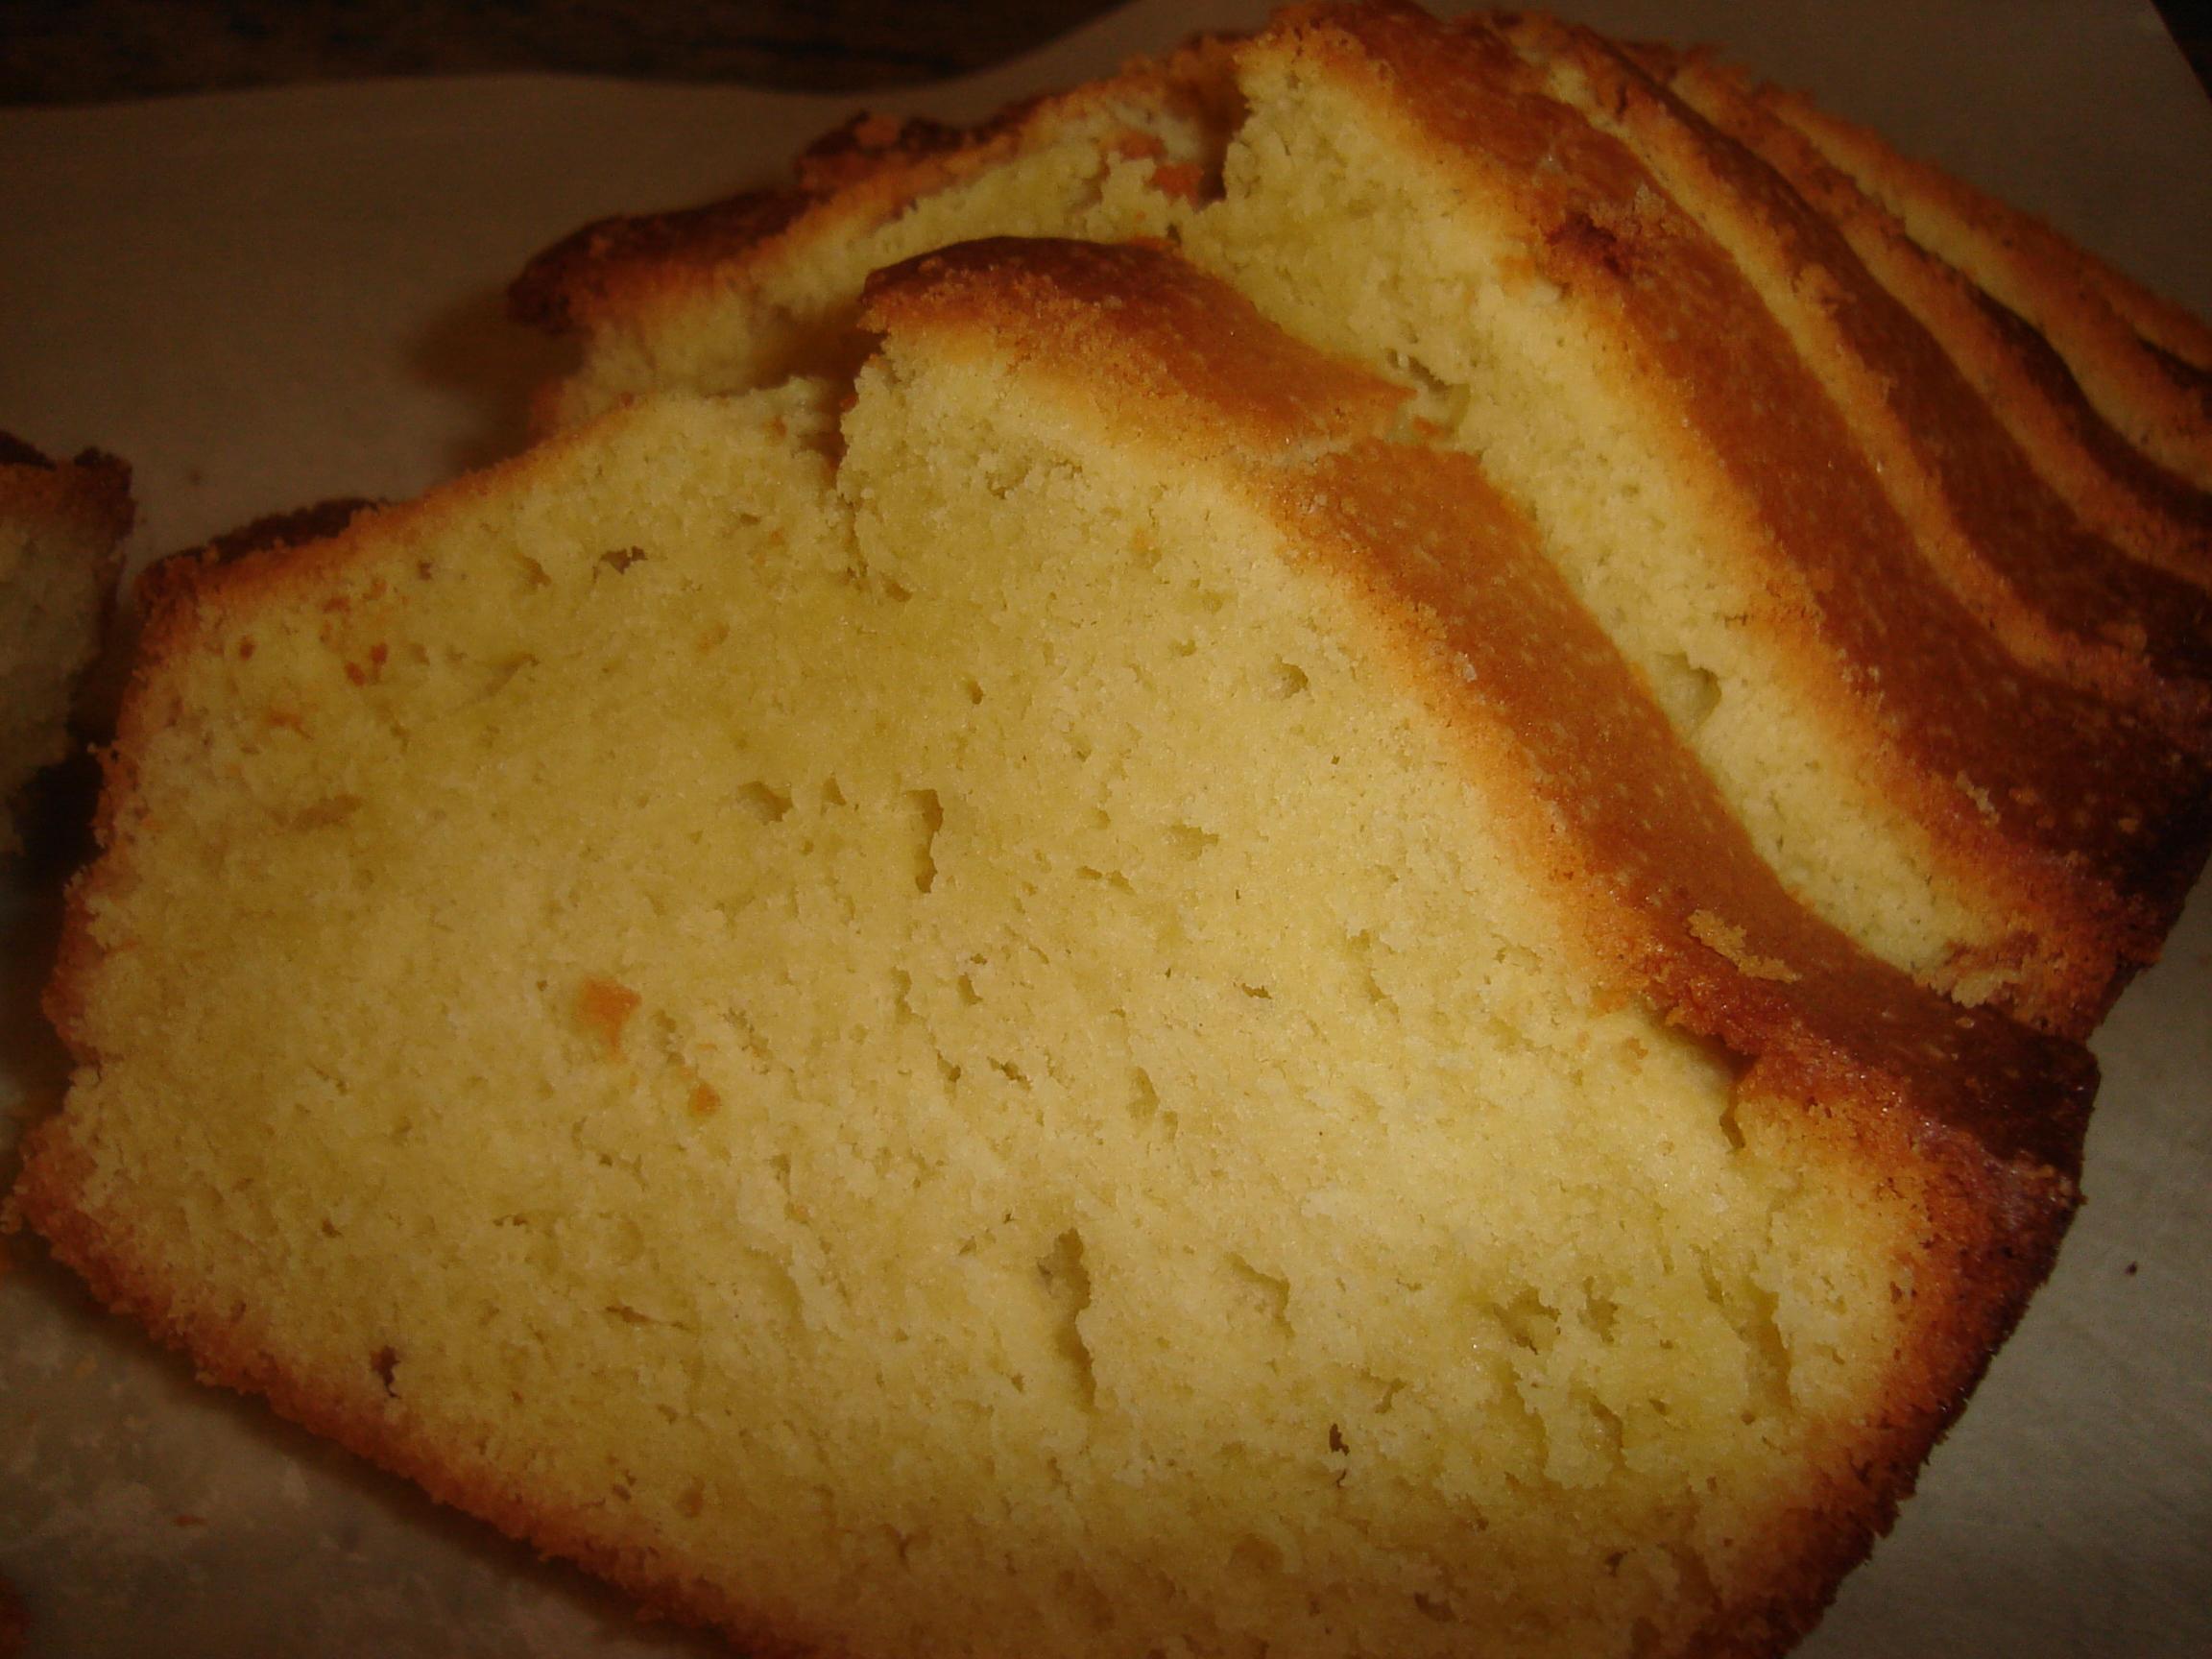 Selma's Poundcake